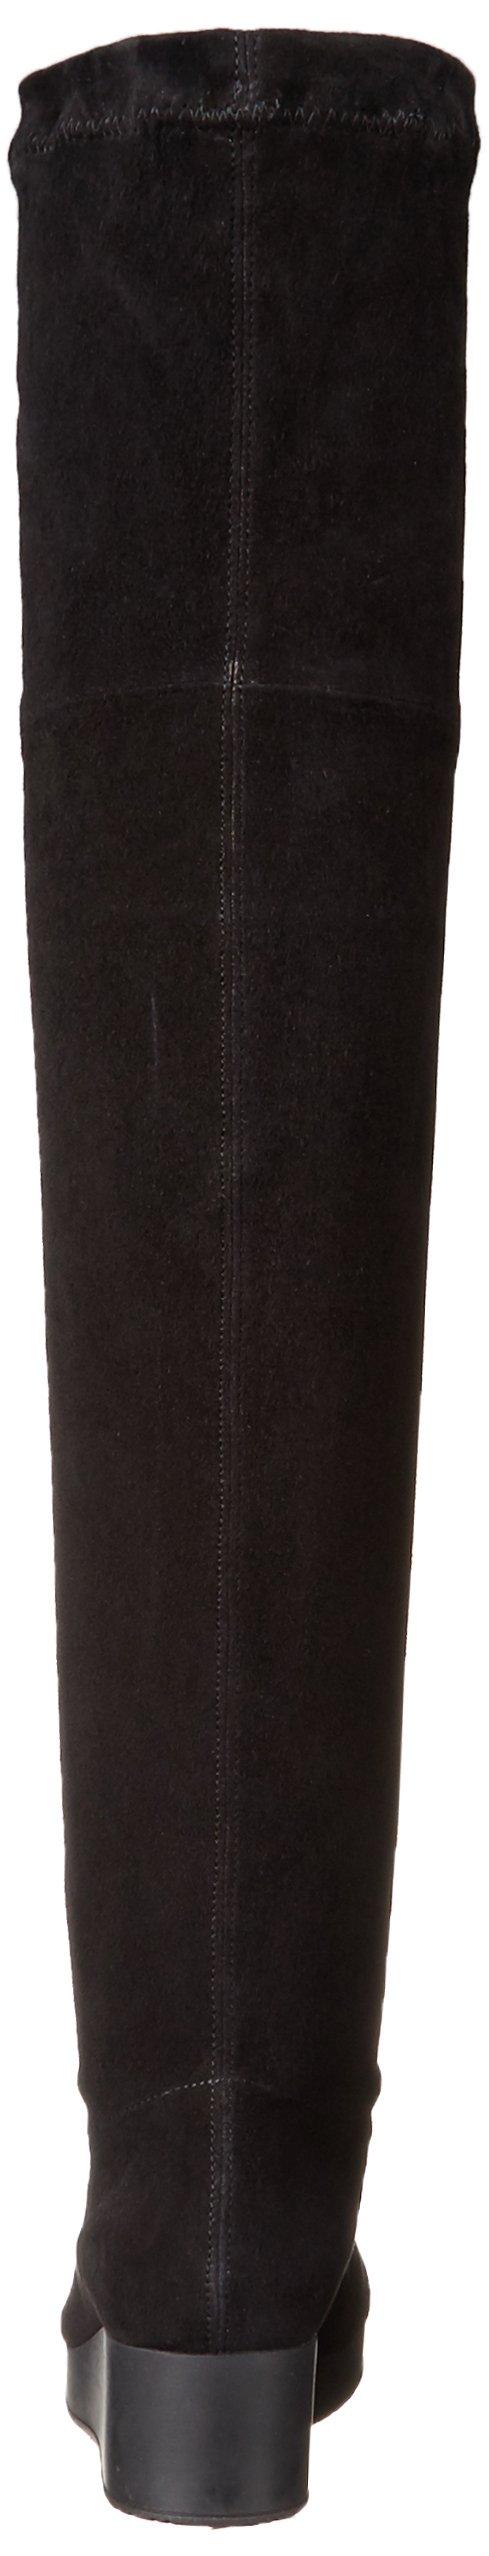 Robert Clergerie Women's Natul Winter Boot,Black Suede,39.5 EU/9 B US by Robert Clergerie (Image #2)